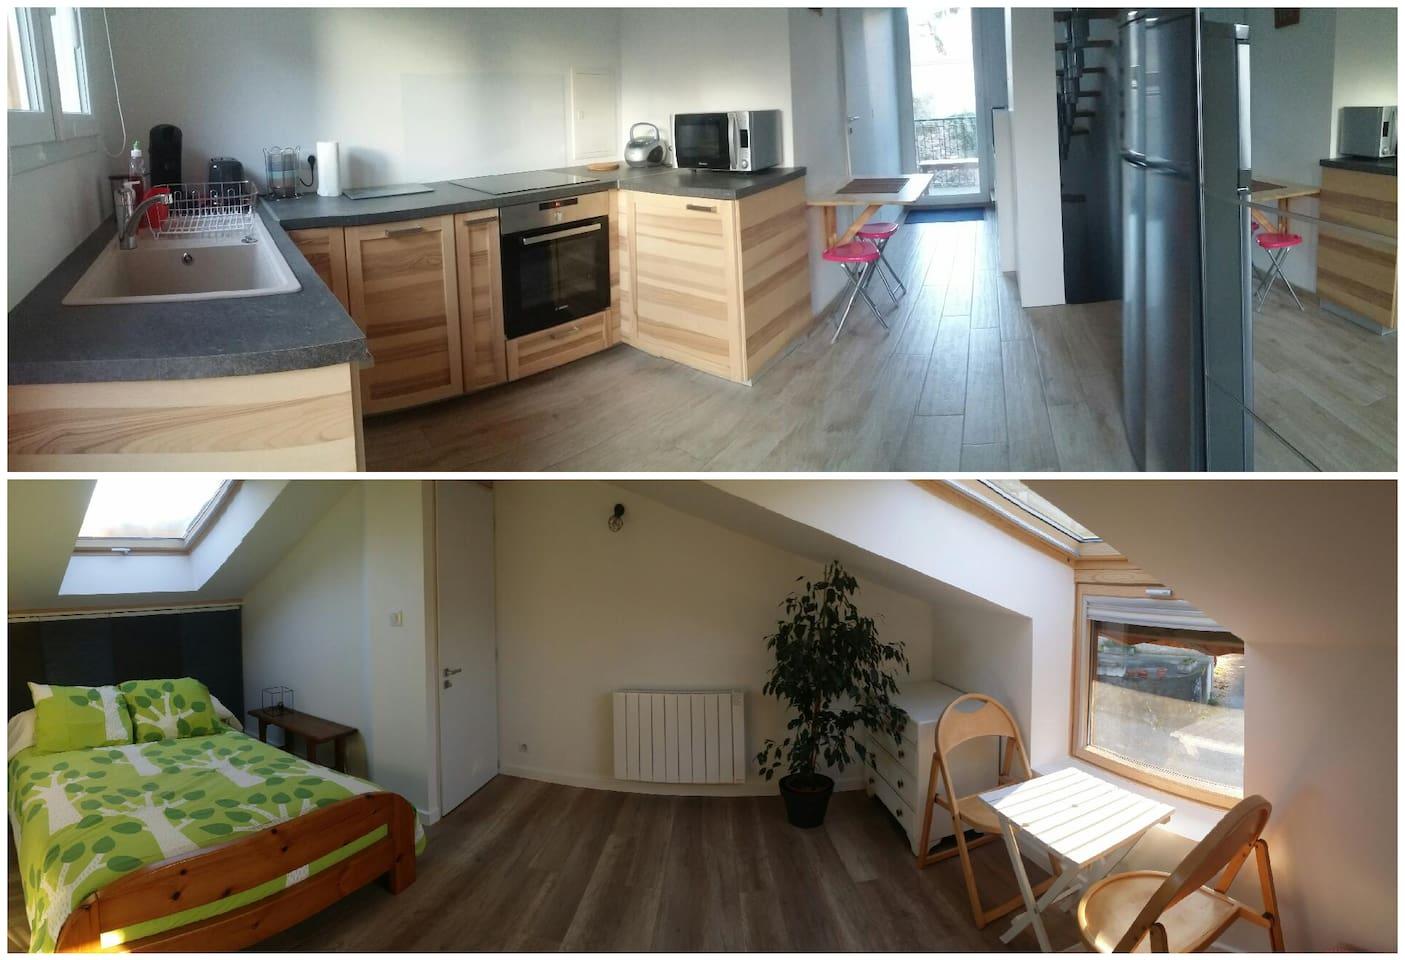 Vue panoramique de la cuisine et de la chambre